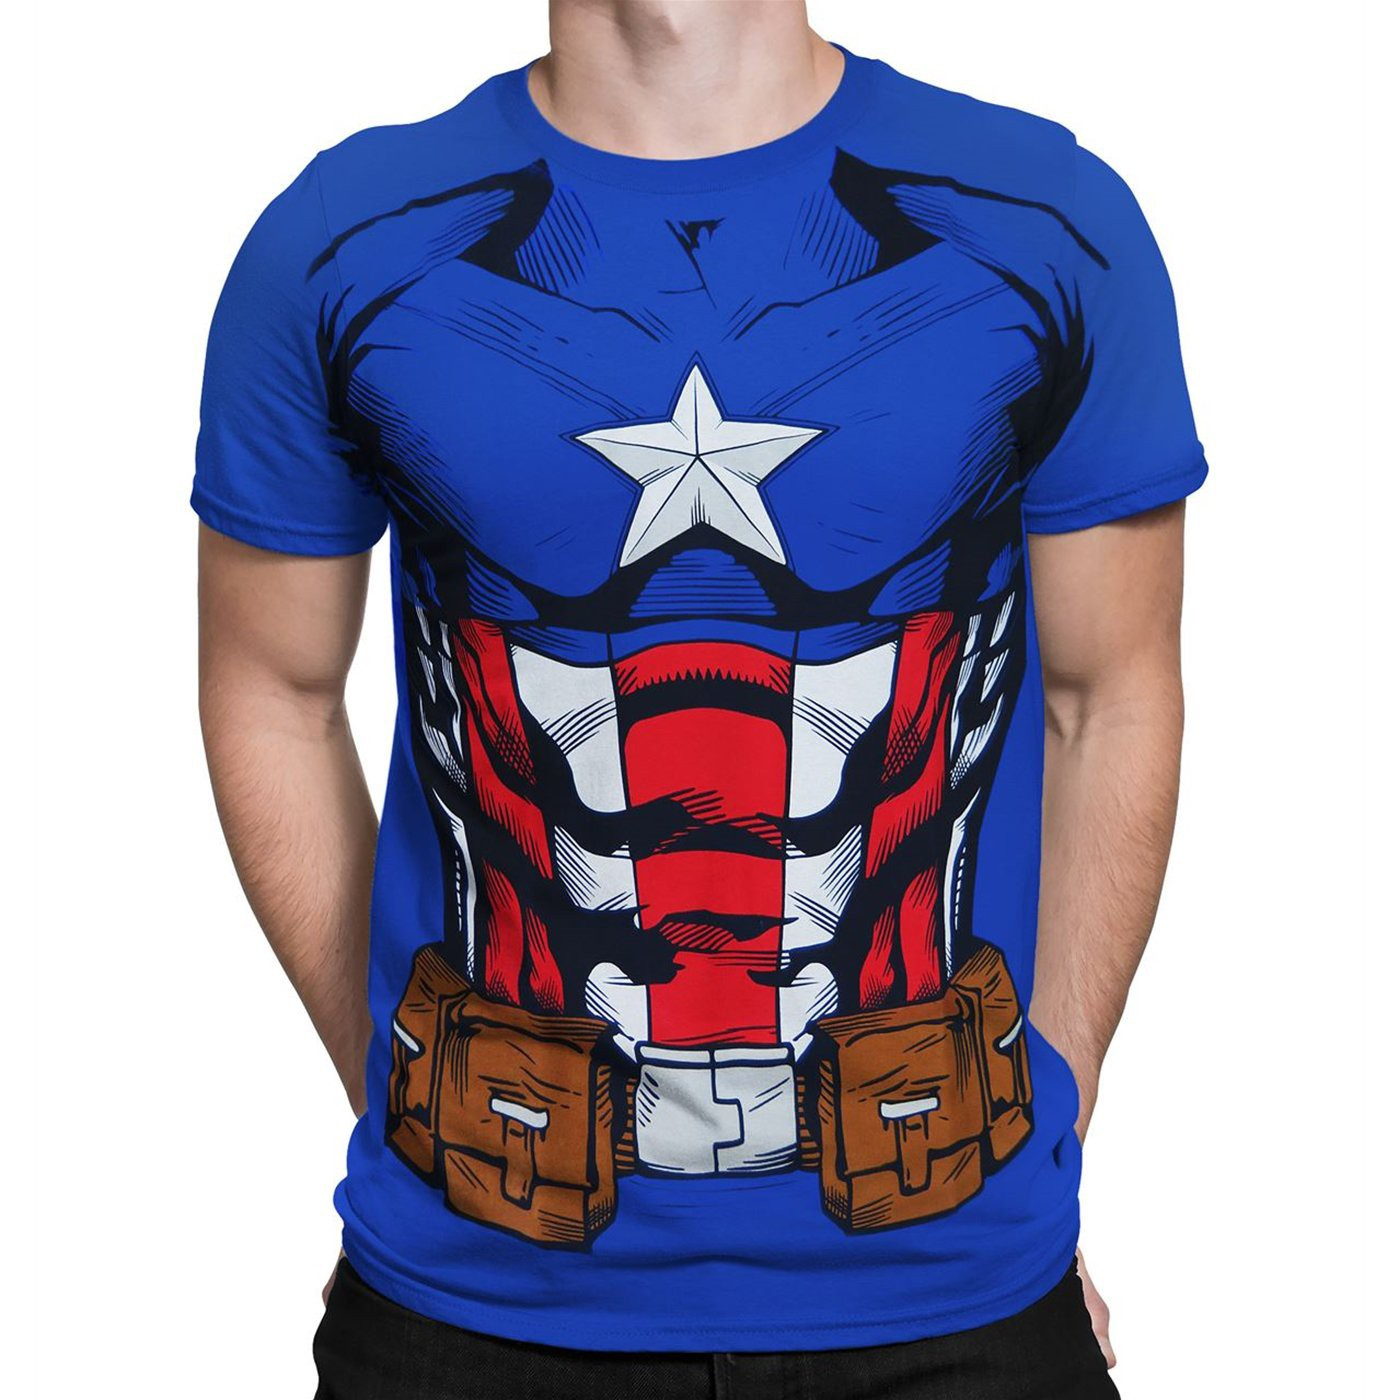 Captain America Suit-Up Men's Costume T-Shirt